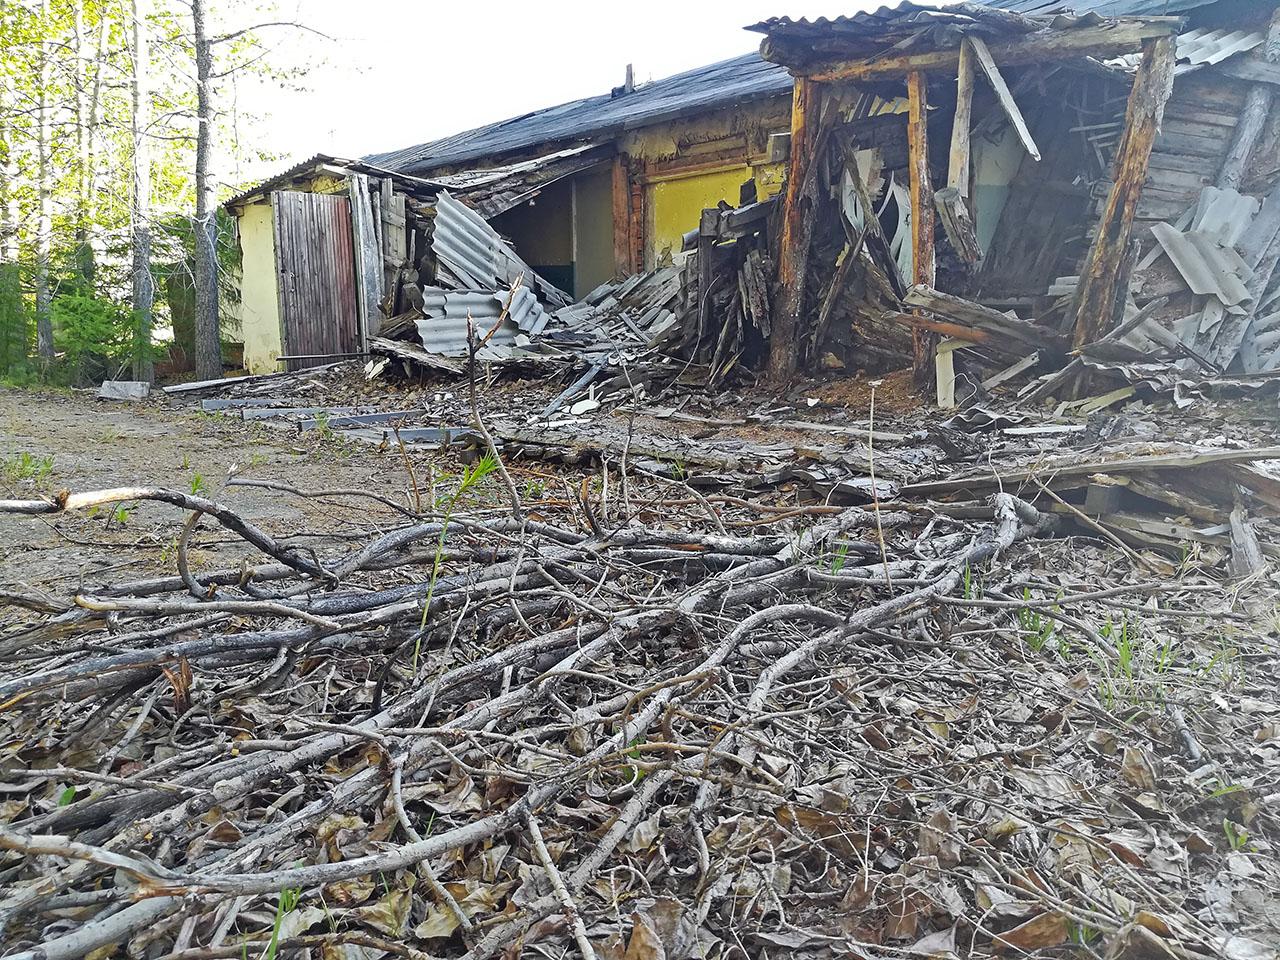 Арарат. Полуразрушенные дома, стоящие напротив здания МСЧ. Фото из архива Елены Полищук. 2018 год.